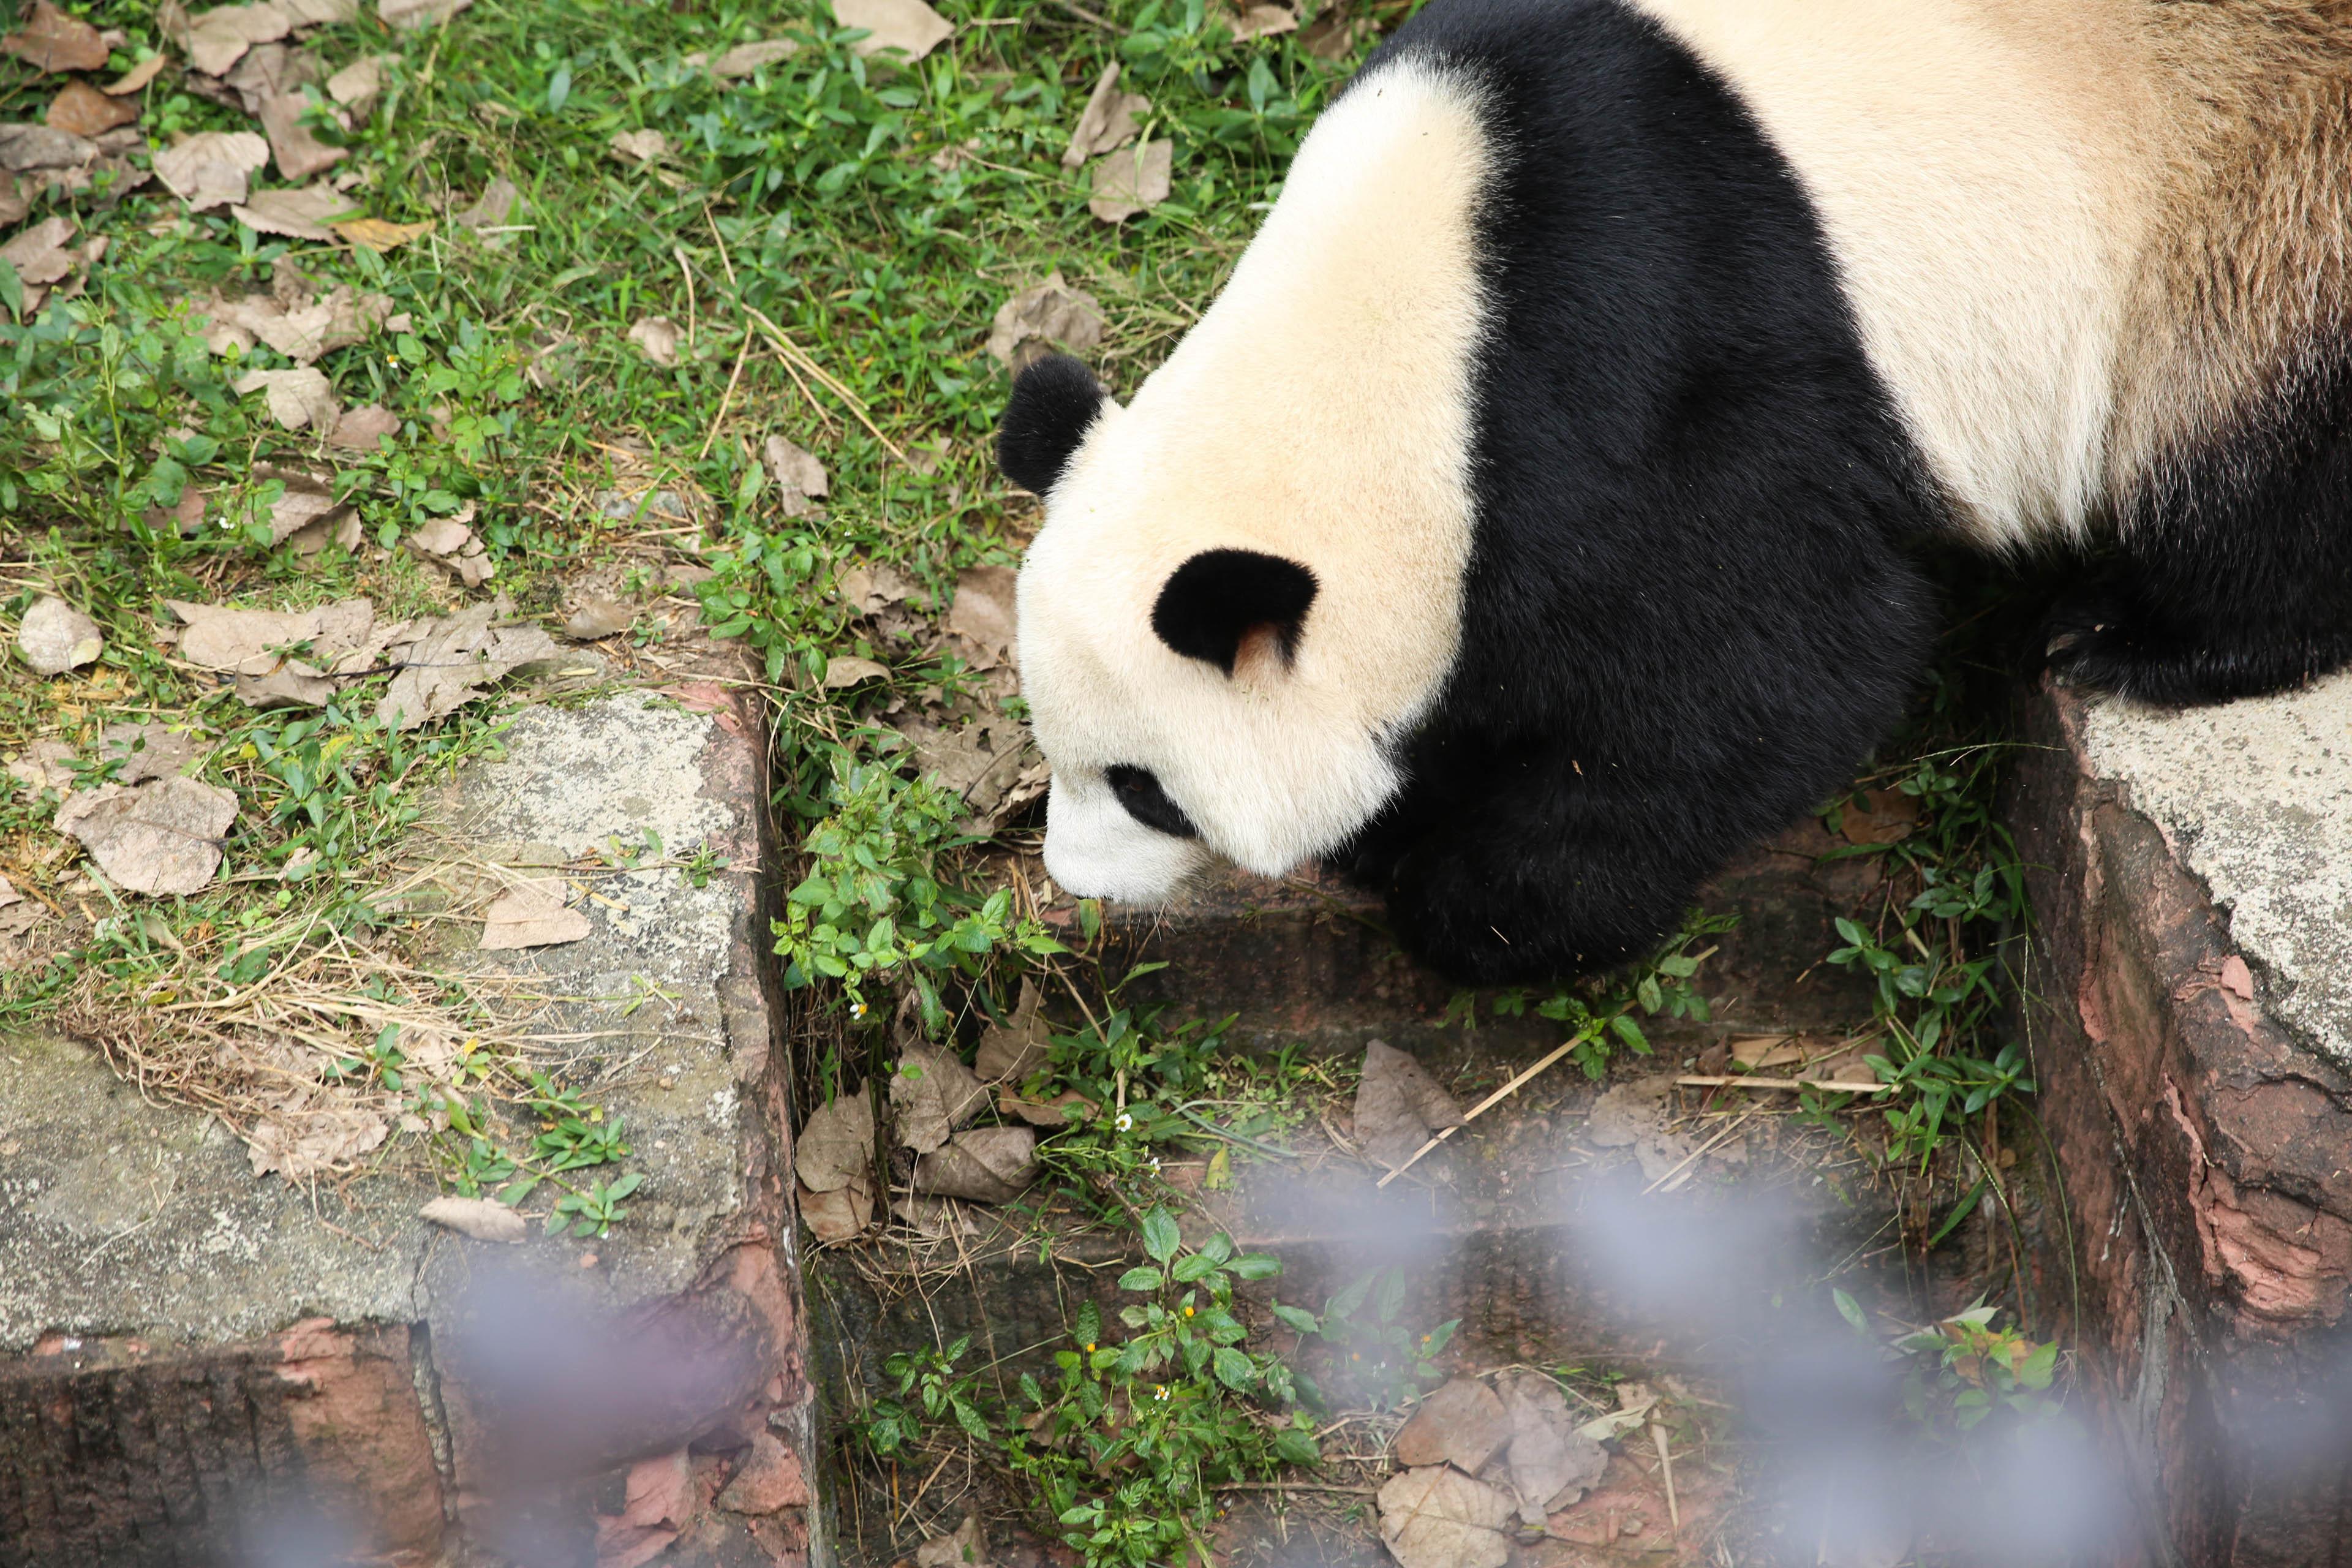 【携程攻略】四川成都大熊猫繁育研究基地适合朋友吗